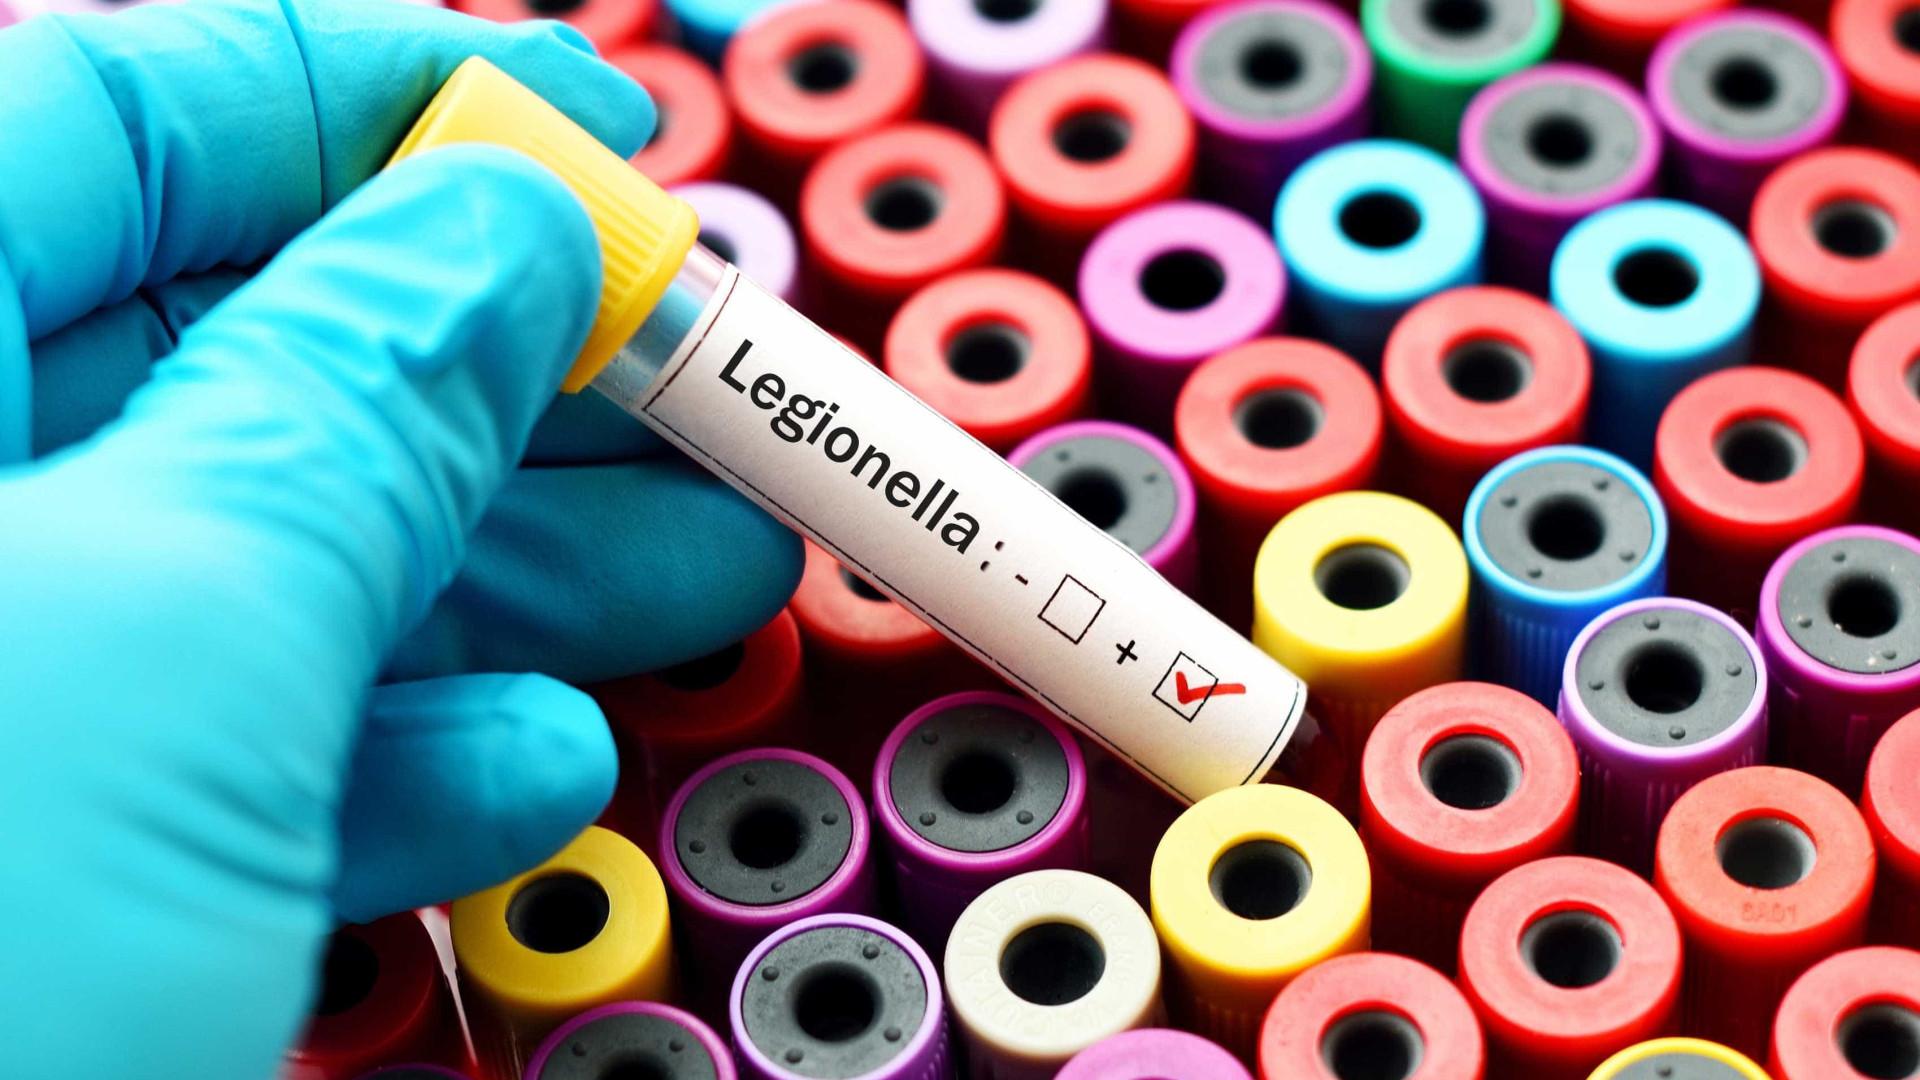 Casos de Legionella na CUF Descobertas sobem para 11